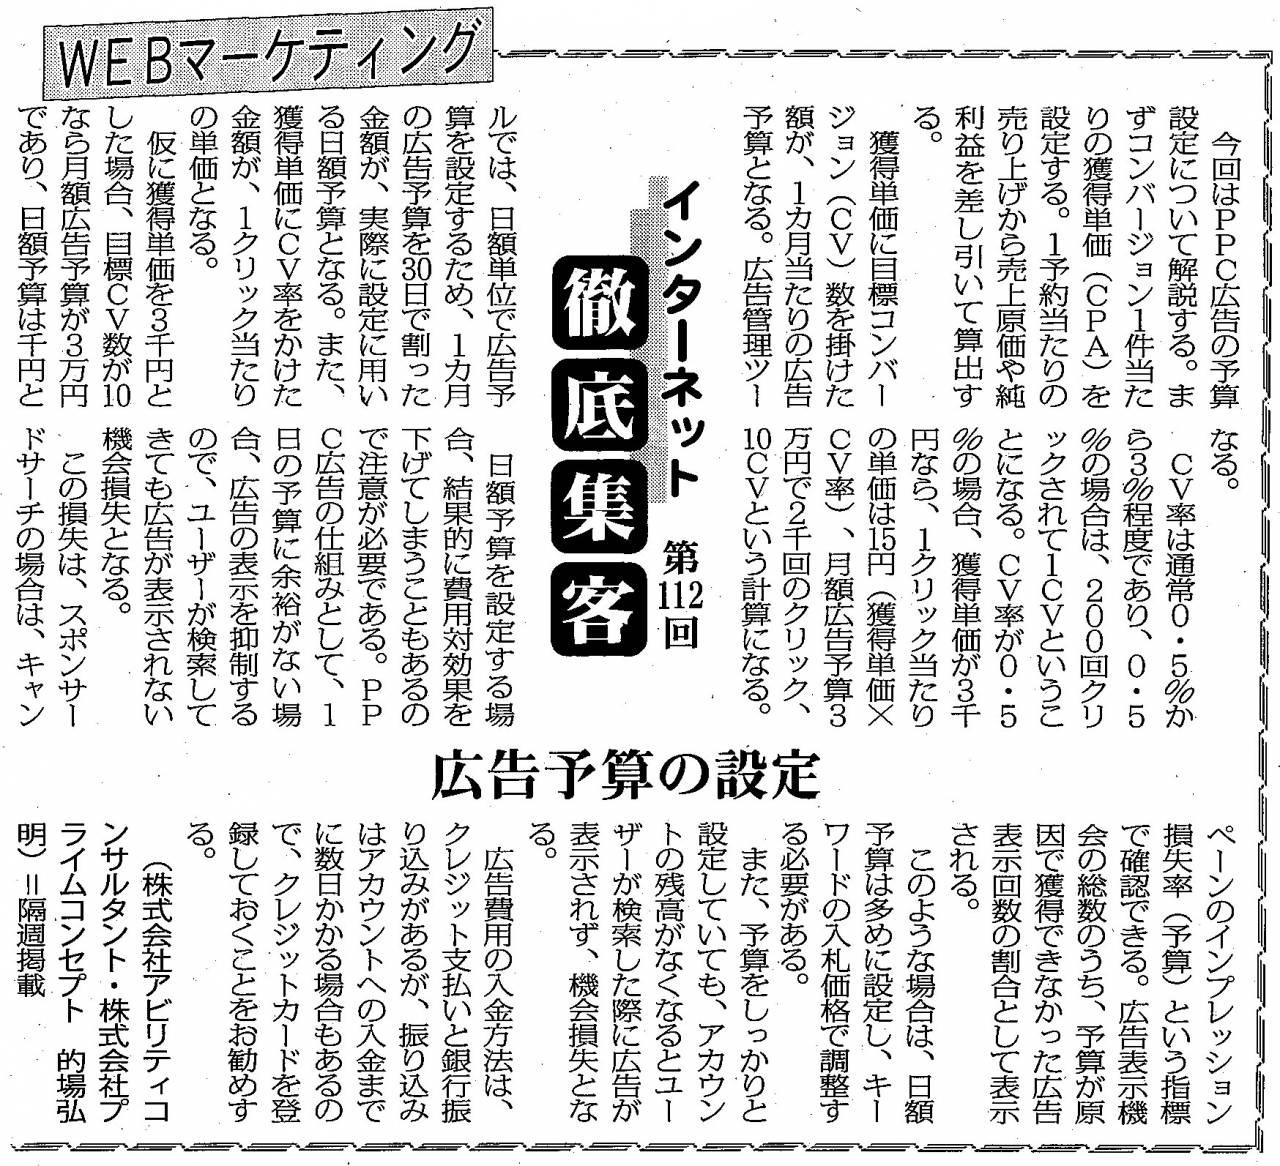 【第112回】WEBマーケティング 広告予算の設定